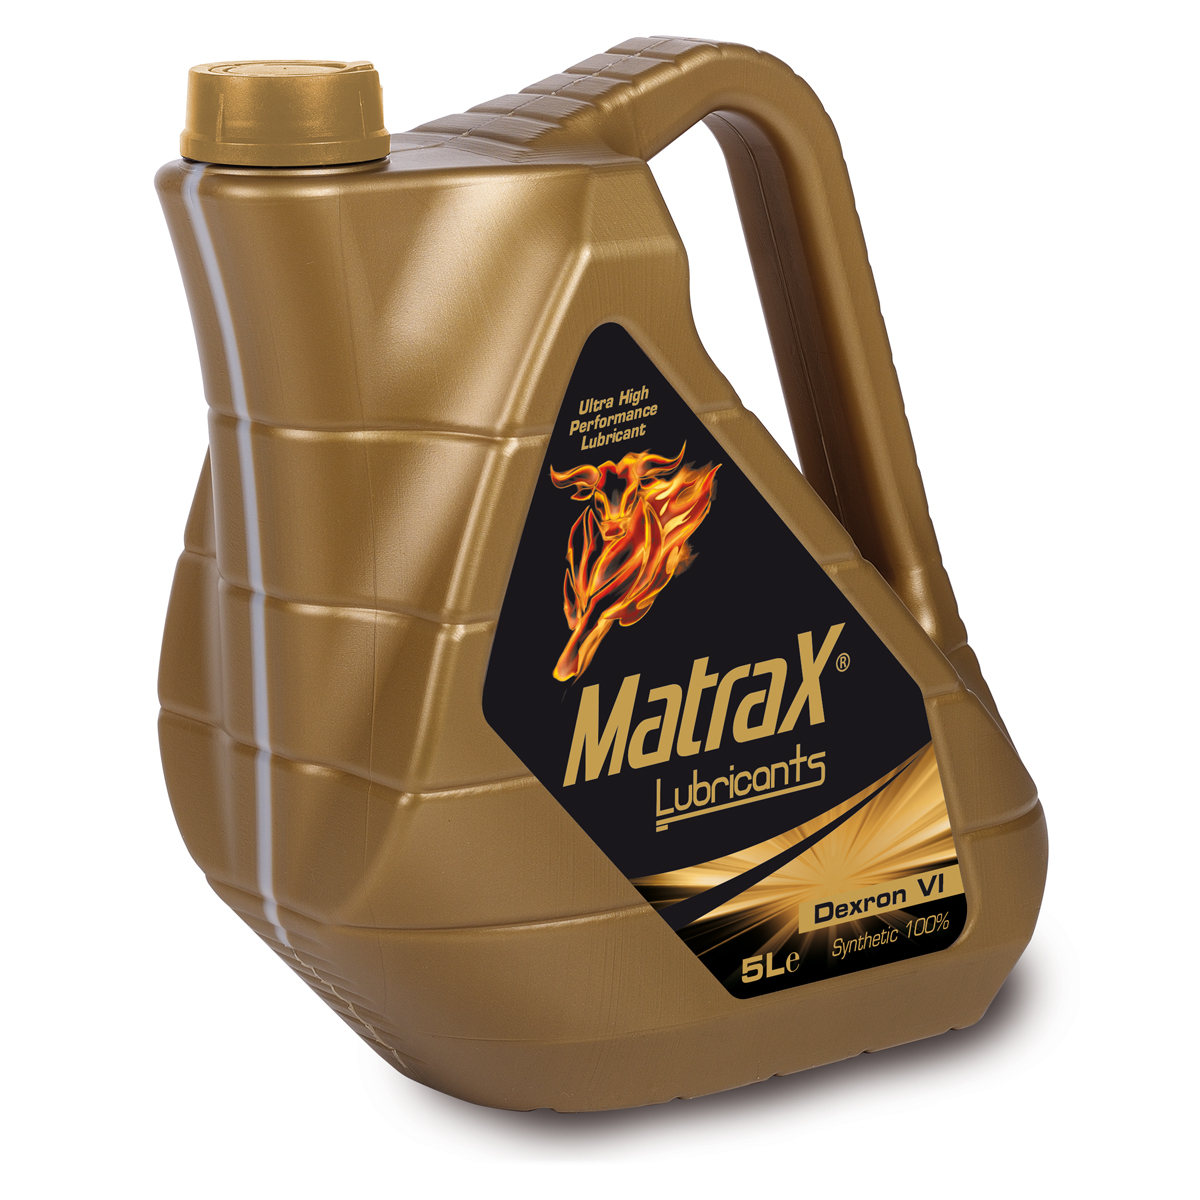 matrax-lubricants-Dexron-VI-5l